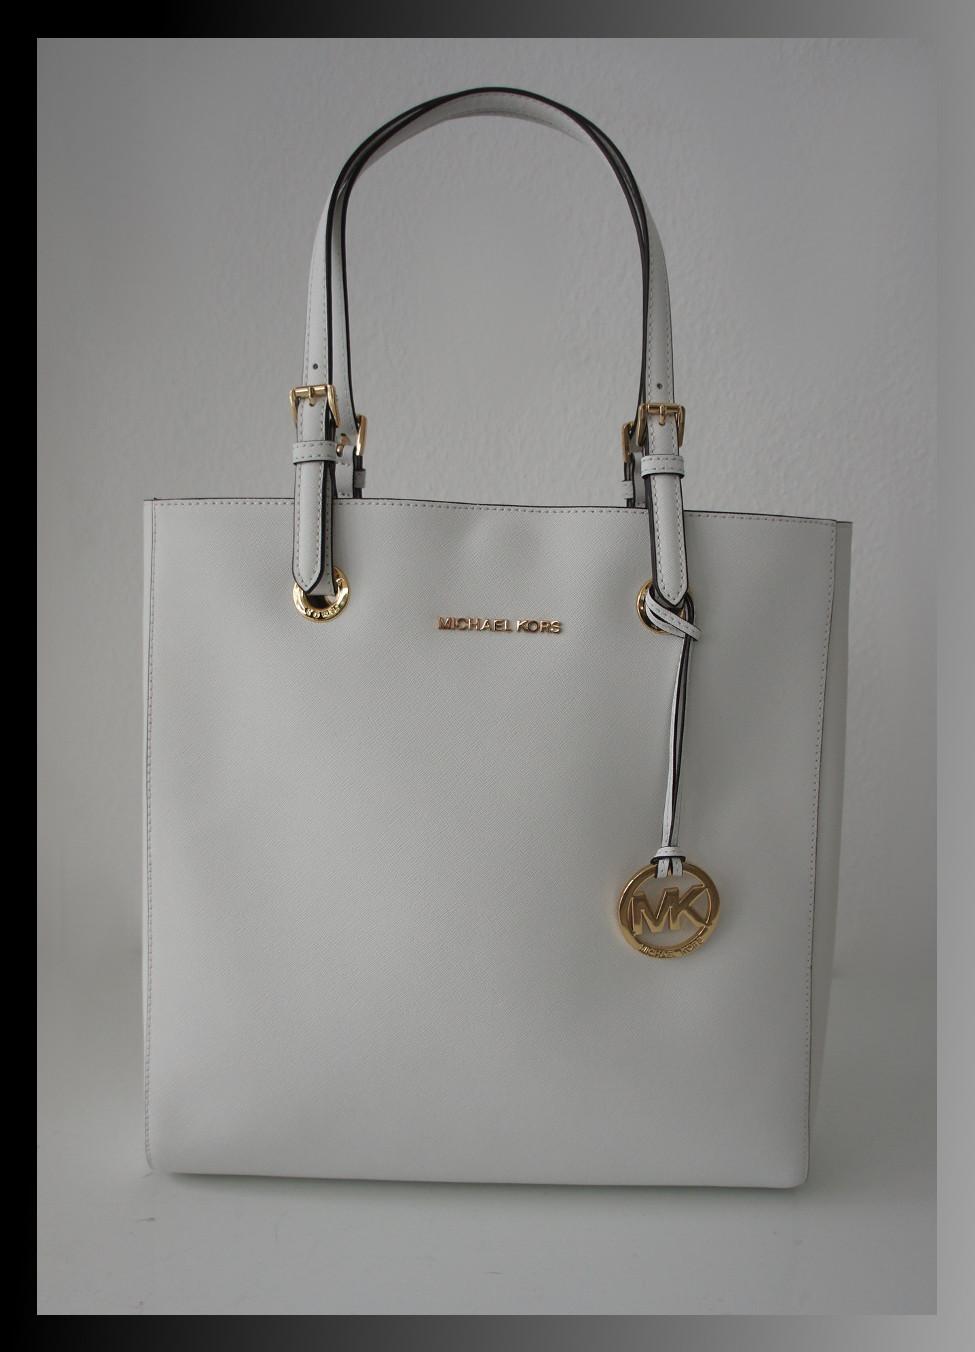 michael kors leder gro e tasche saffiano handtasche weiss neu ebay. Black Bedroom Furniture Sets. Home Design Ideas